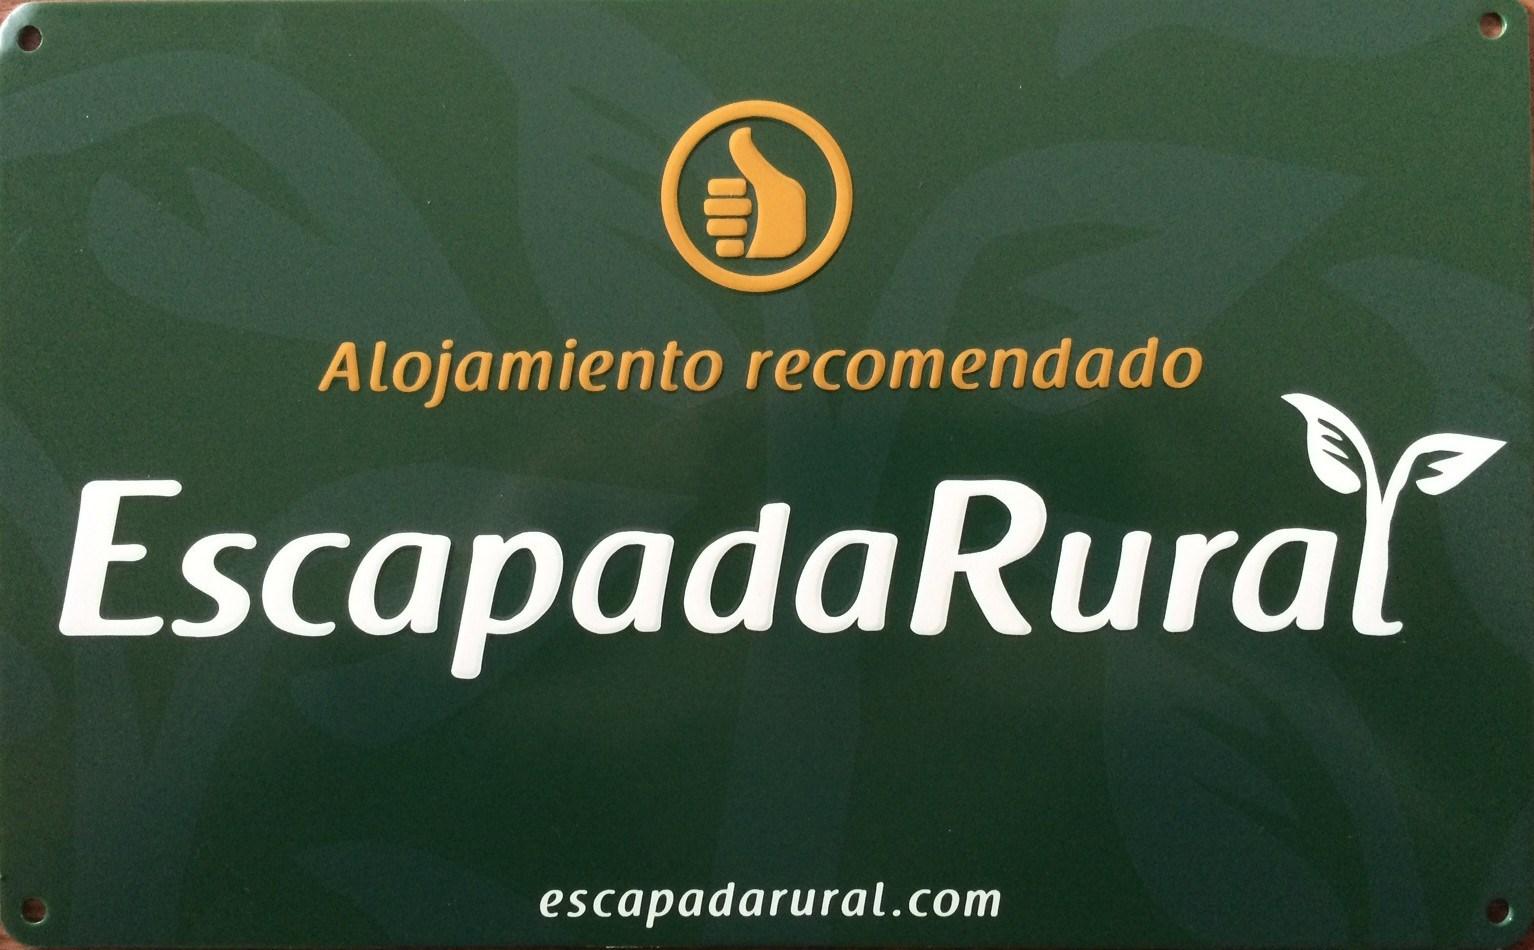 Alojamiento recomendado por Escapada Rural